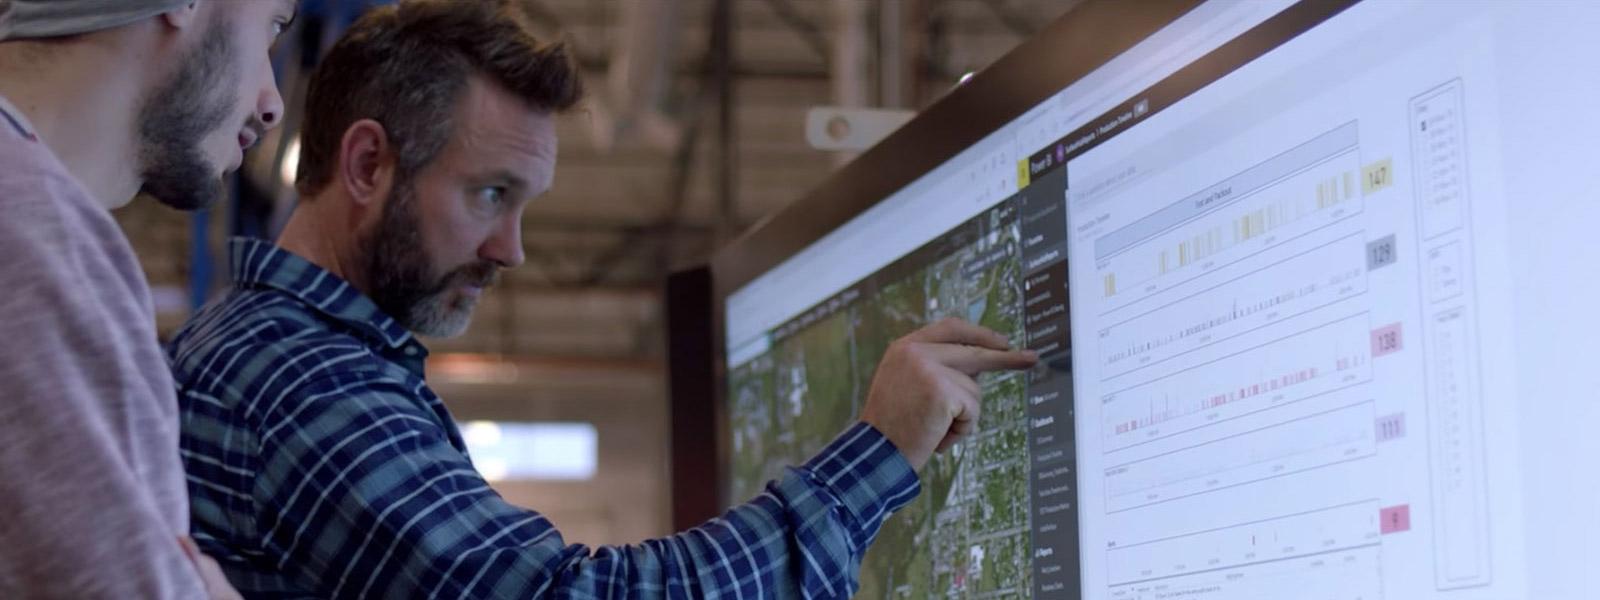 Zwei Männer, die die Touchfunktion auf einem Surface Hub-Gerät verwenden